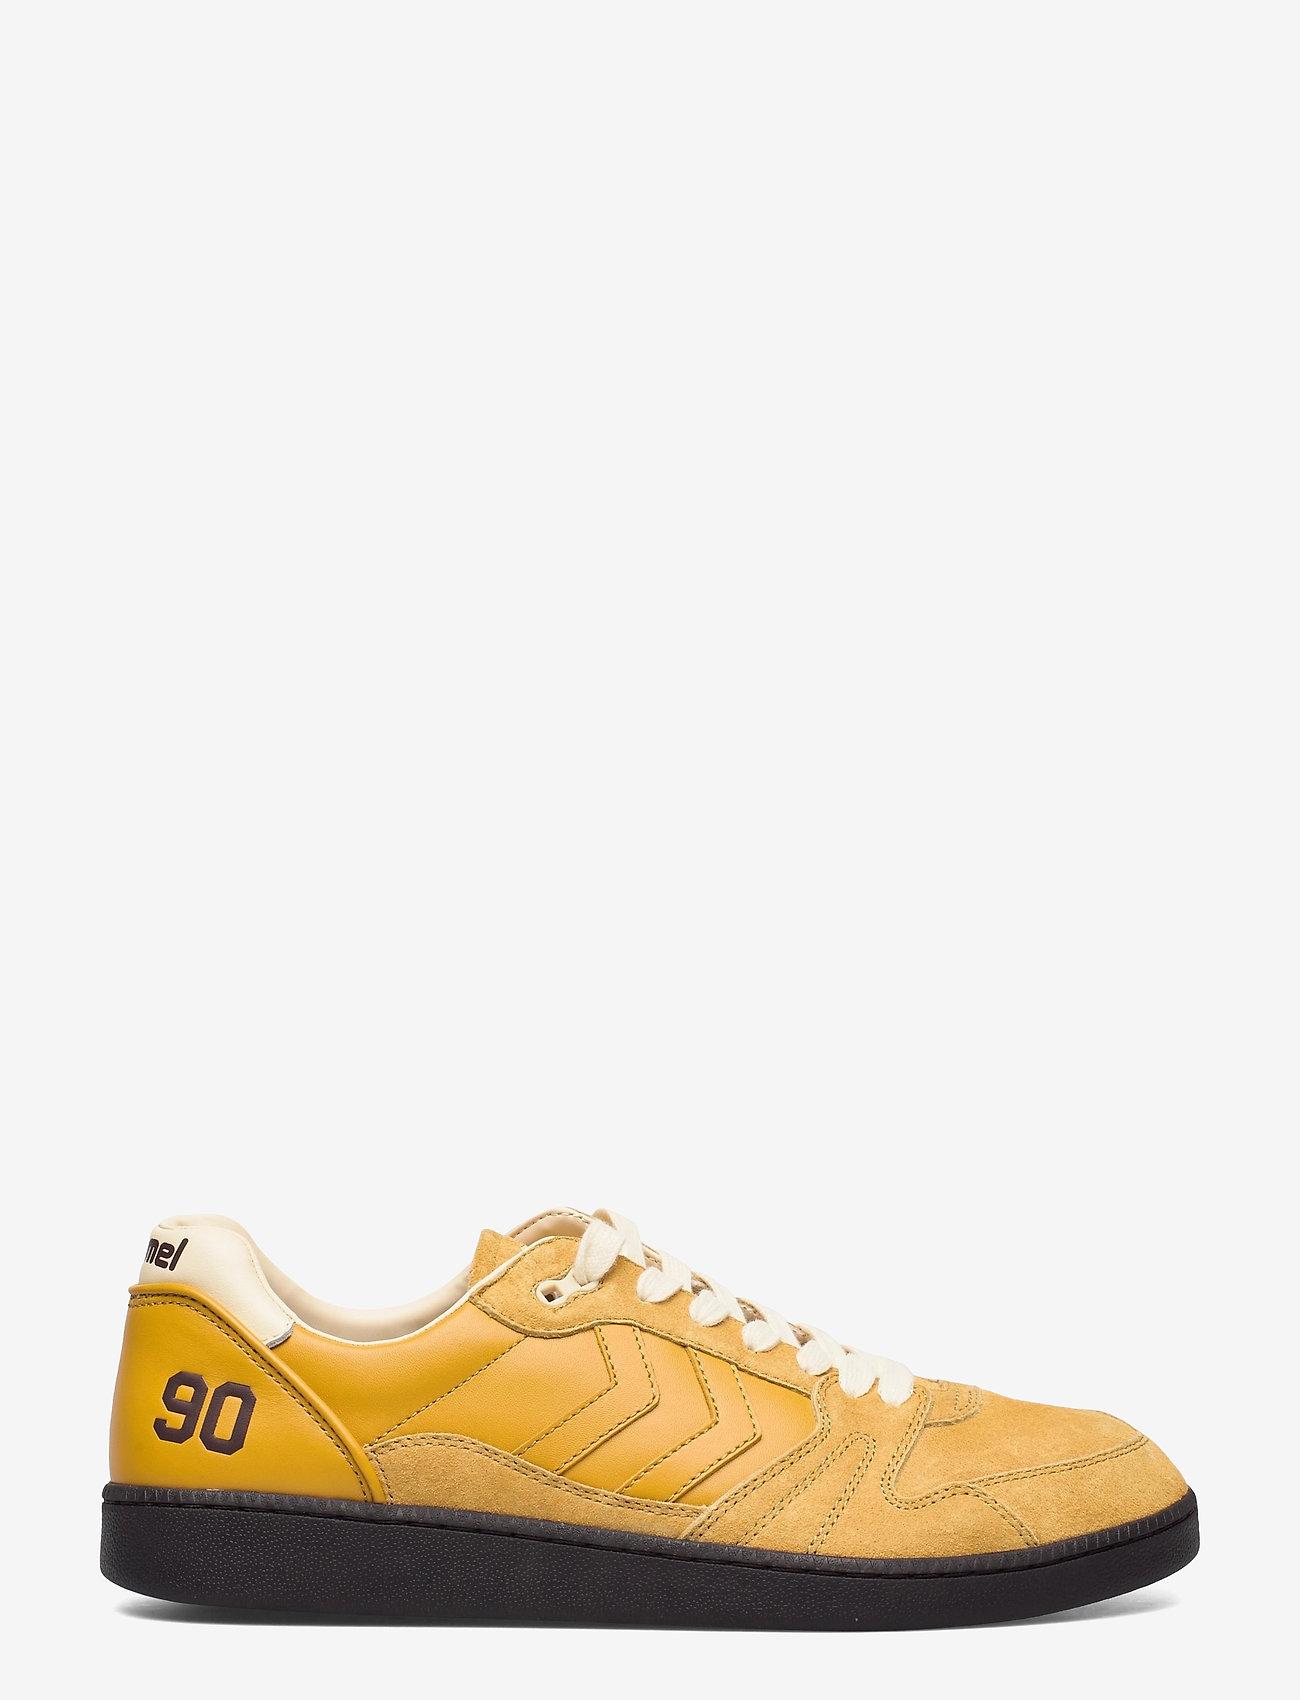 Hummel - HML x HANON HB TEAM - laag sneakers - golden yellow - 1